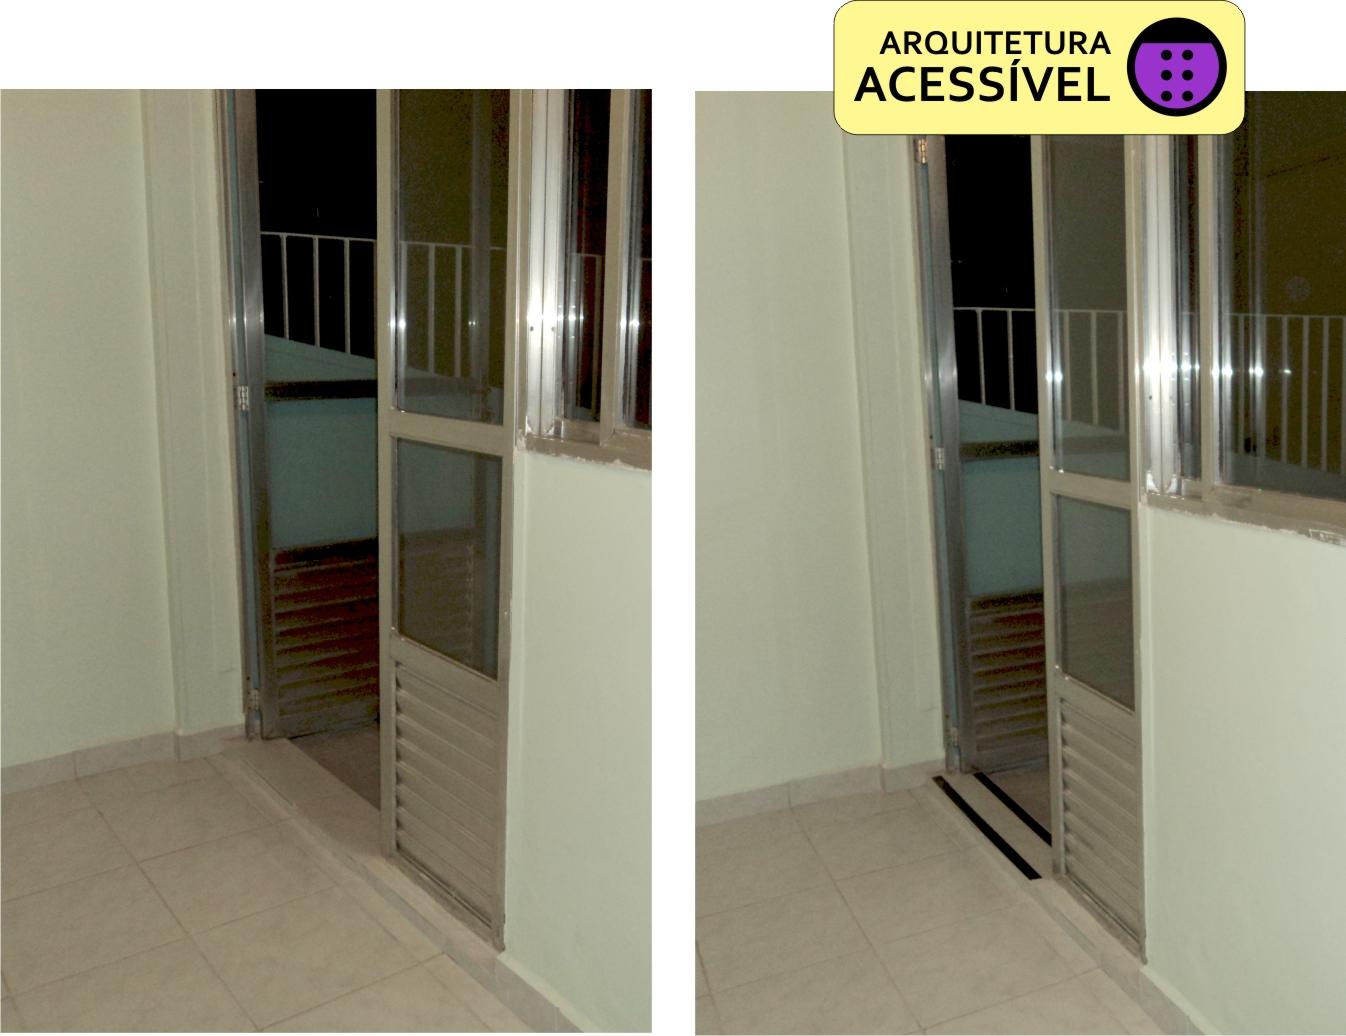 Todo degrau deve ser sinalizado com faixa que tenha contraste com o  #7B27A4 1346x1036 Acessibilidade Idosos Banheiro